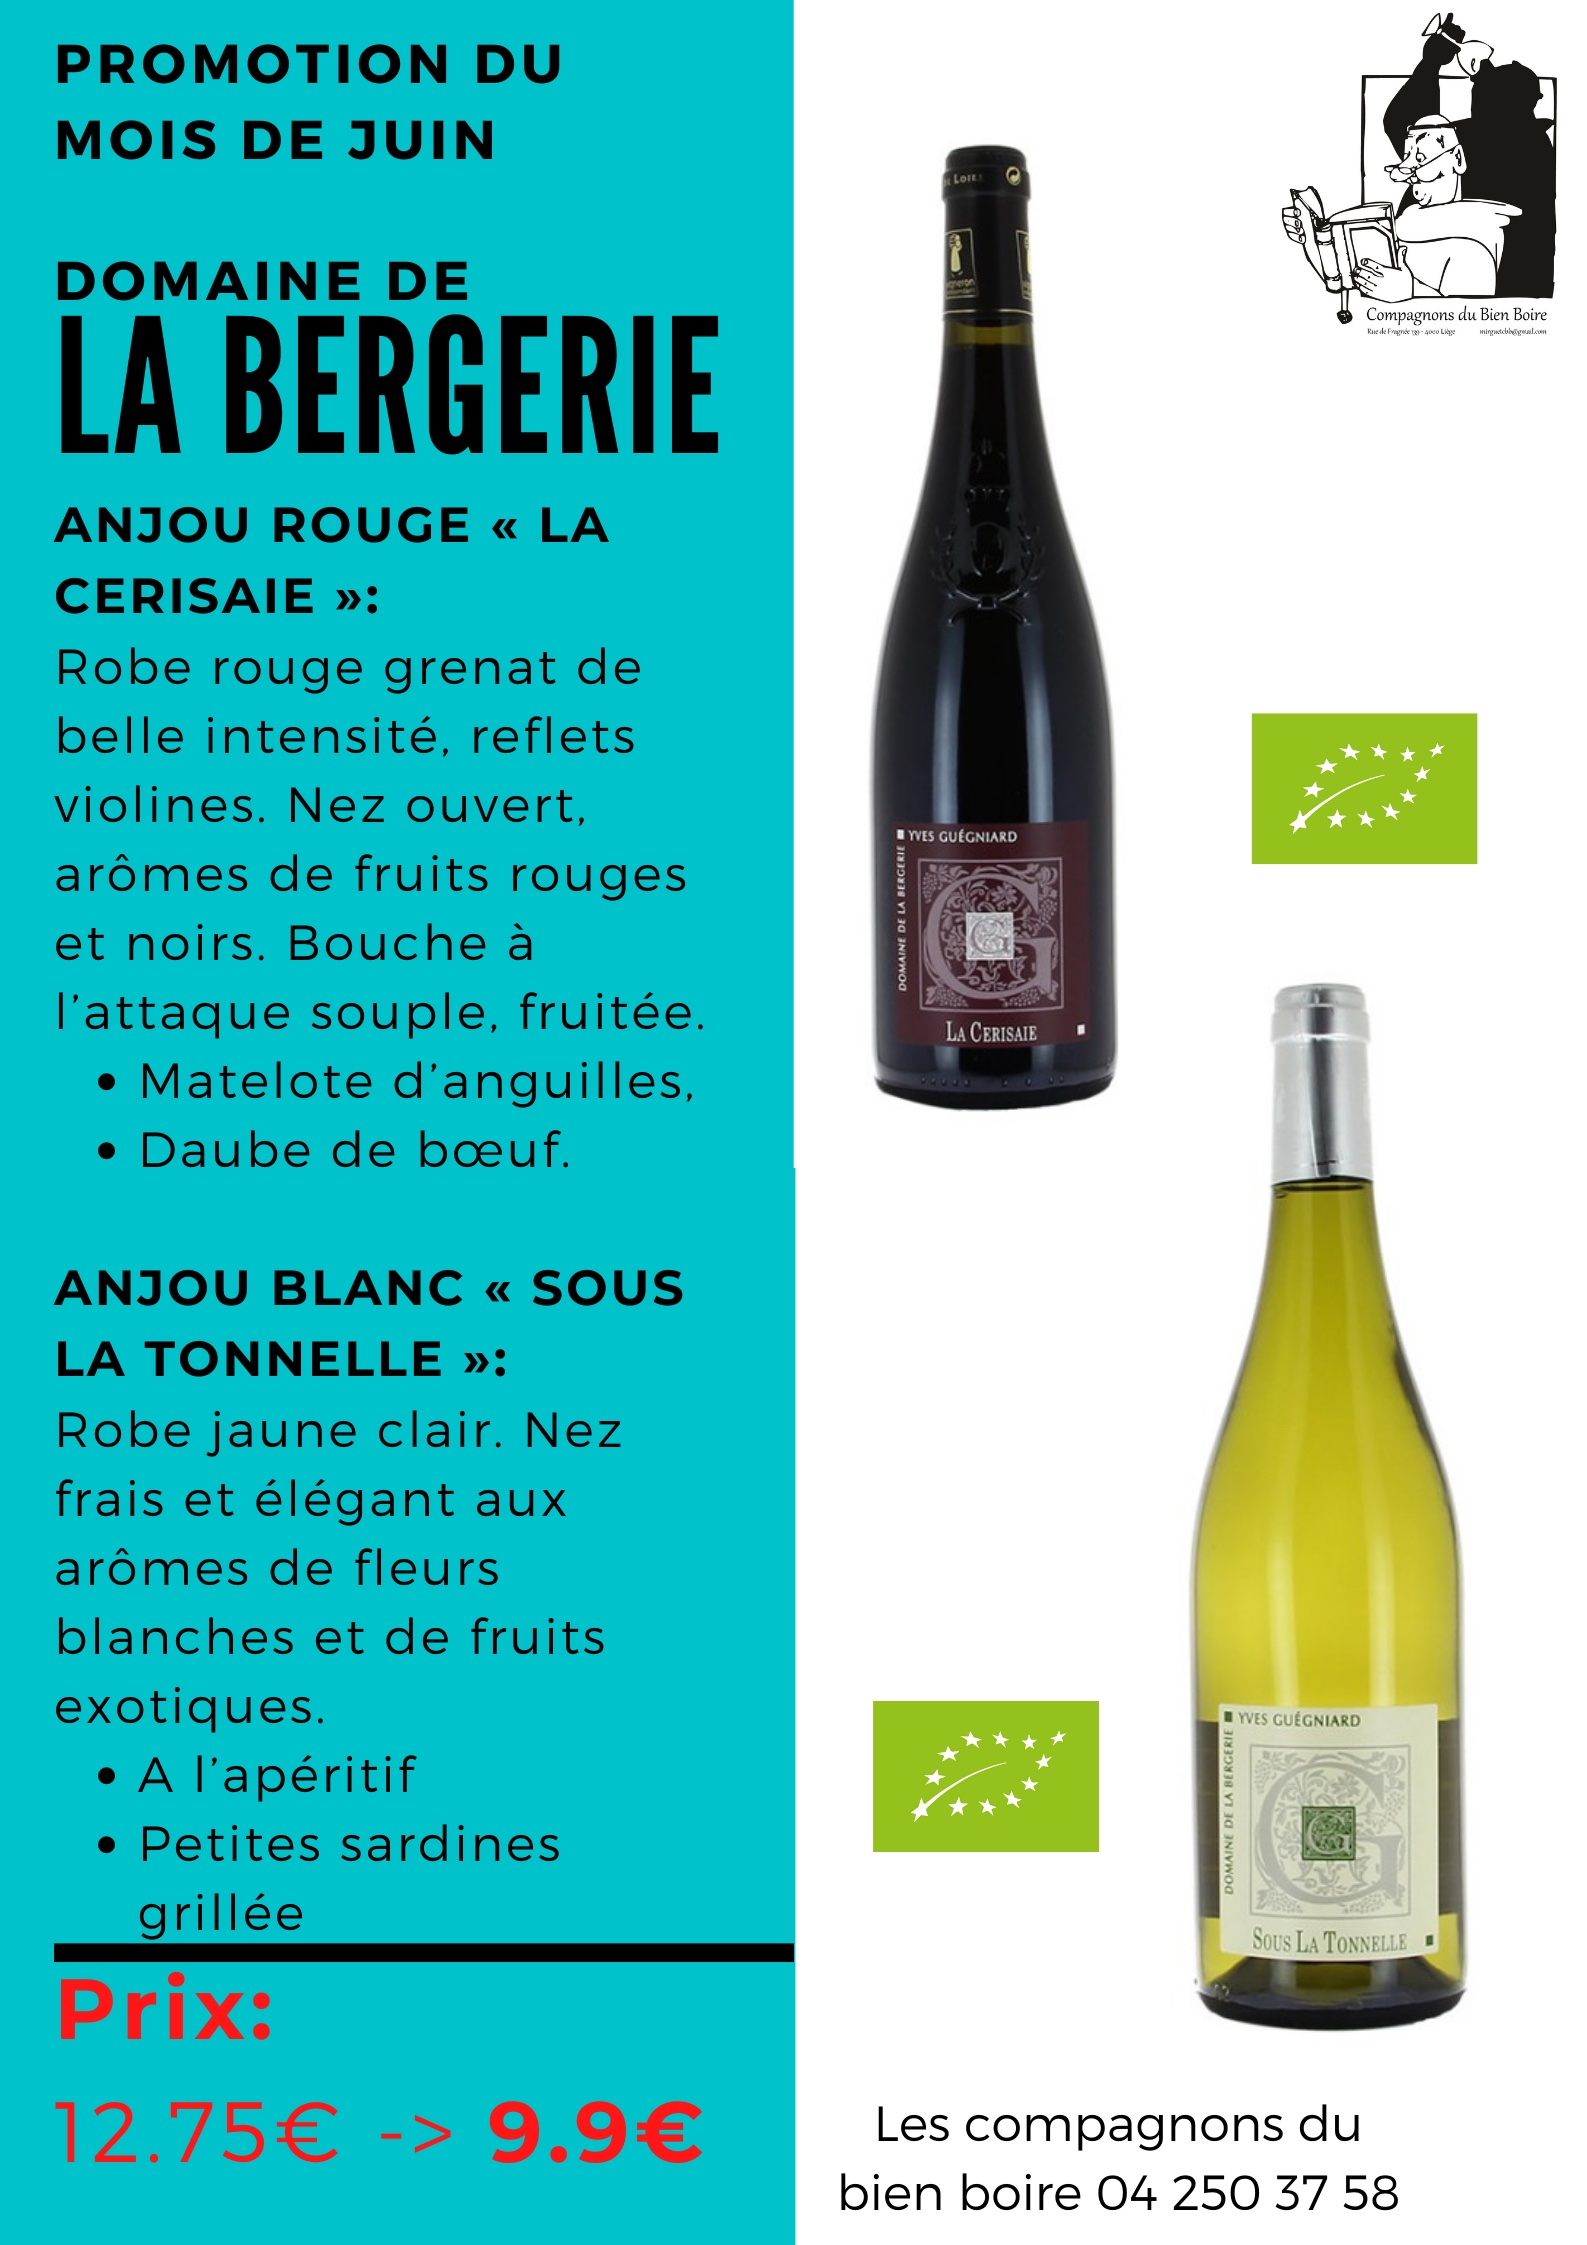 Anjou Domaine de la Bergerie